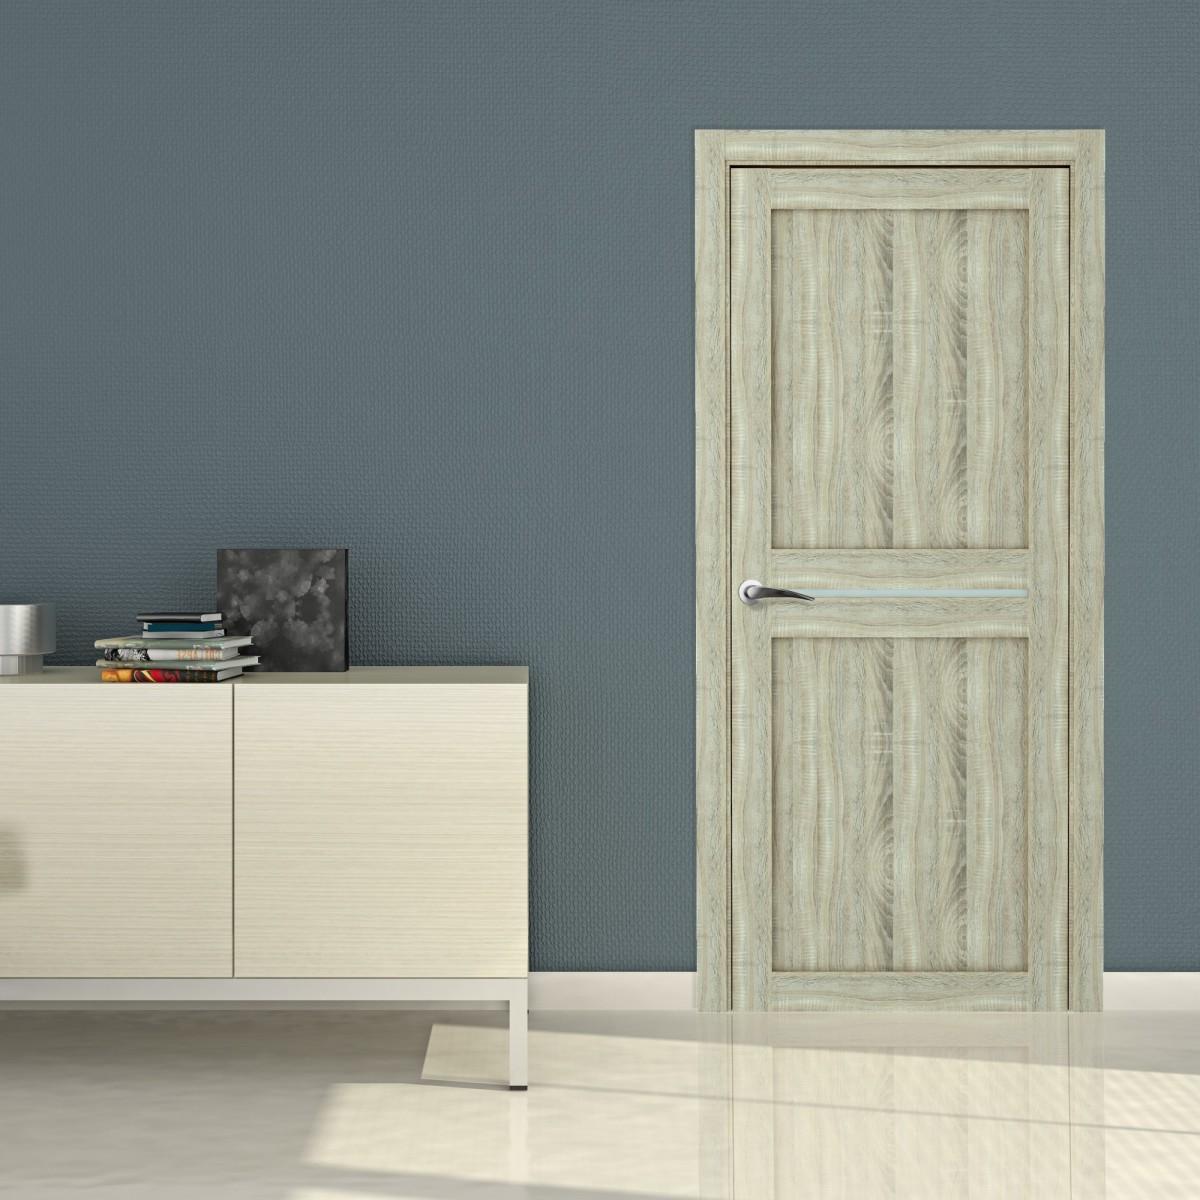 Дверь Межкомнатная Глухая Вита 90x200 Ламинация Дуб Натуральный С Фурнитурой